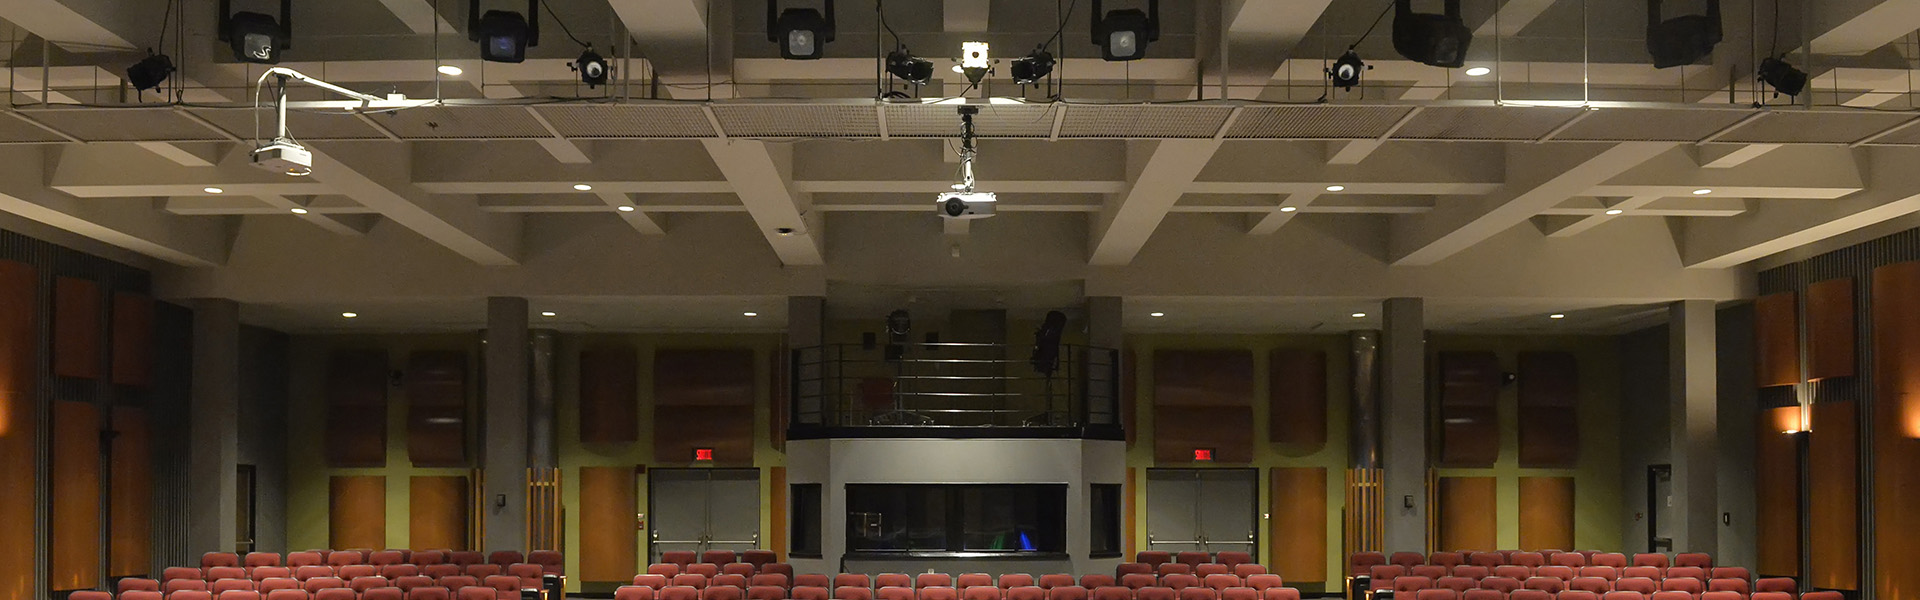 Éclairage robotisé, 2 canons projecteurs, 2 écrans projecteurs et deux possibilités d'emplacement pour la régie.